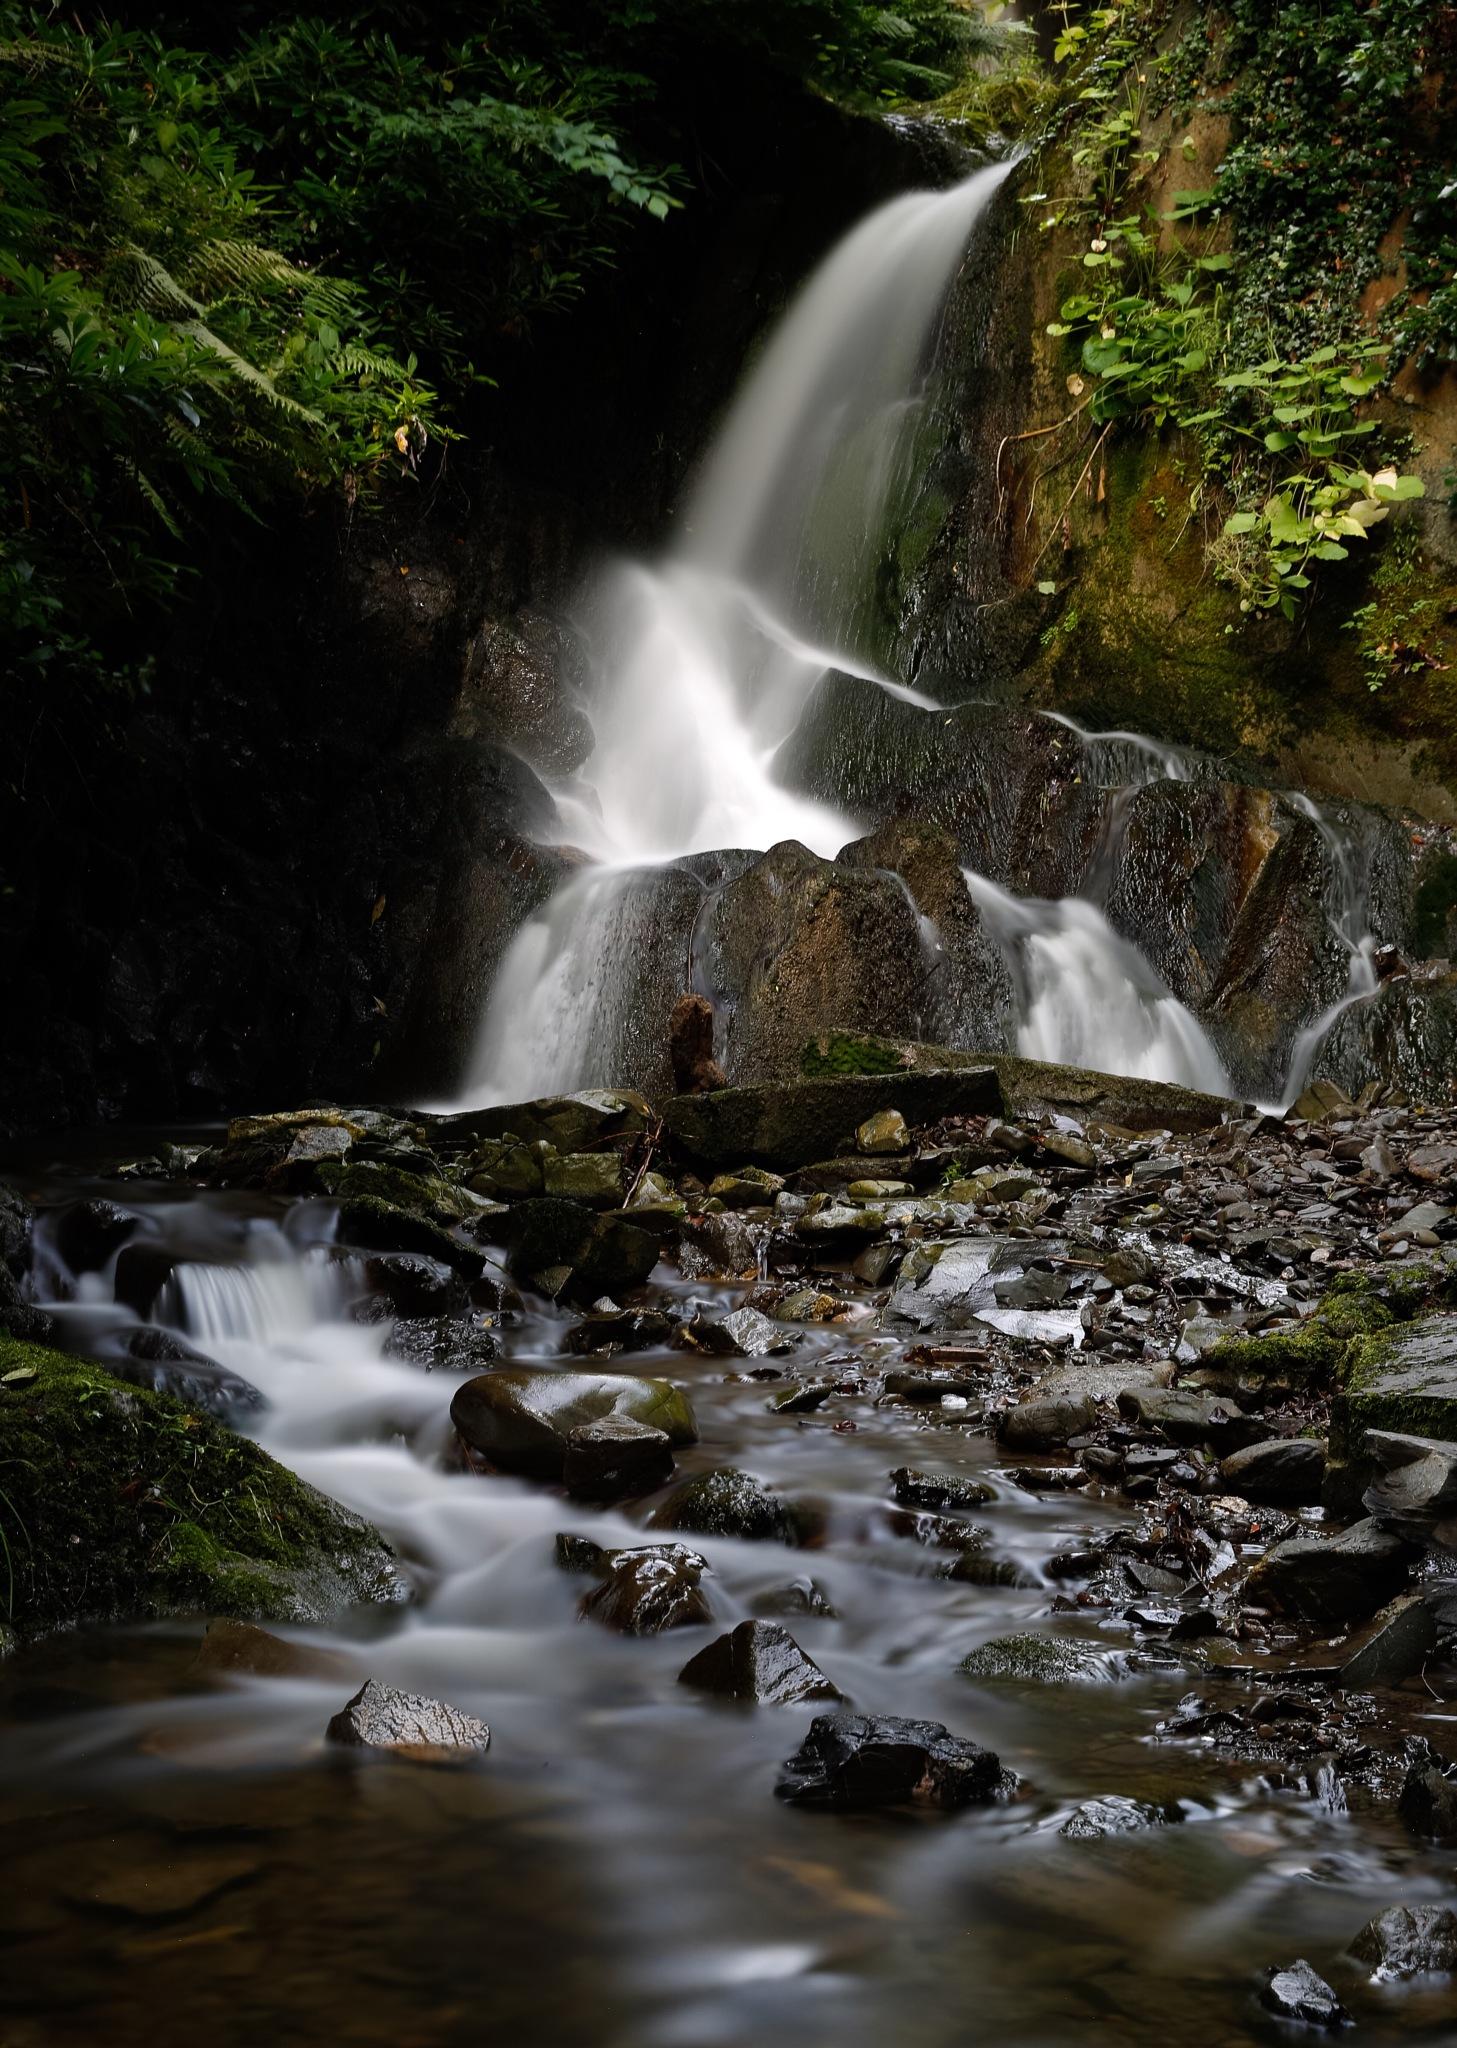 Hawick waterfall by Paul1964